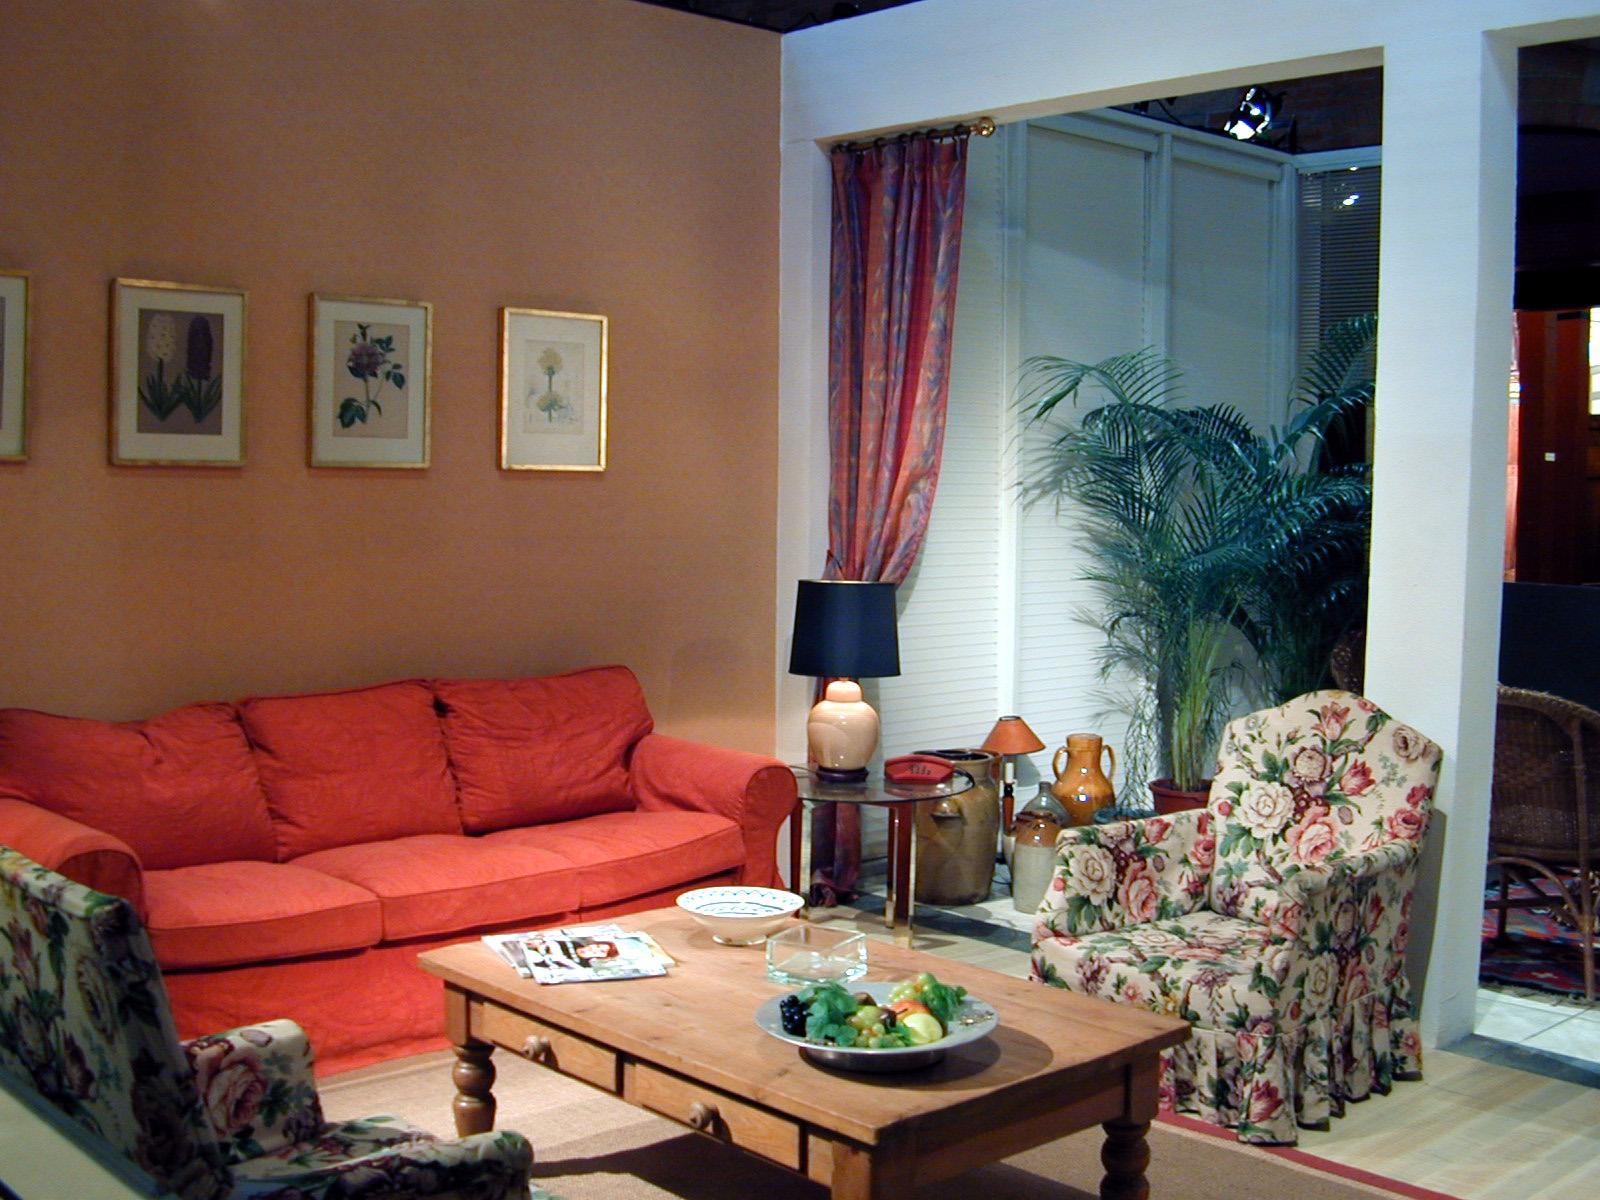 http://3.bp.blogspot.com/-Dc3yzbvlVS8/T8_Q6sUOCqI/AAAAAAAAAV8/Zn8X-fL8ghw/s1600/interior+wallpaper+(4).jpg